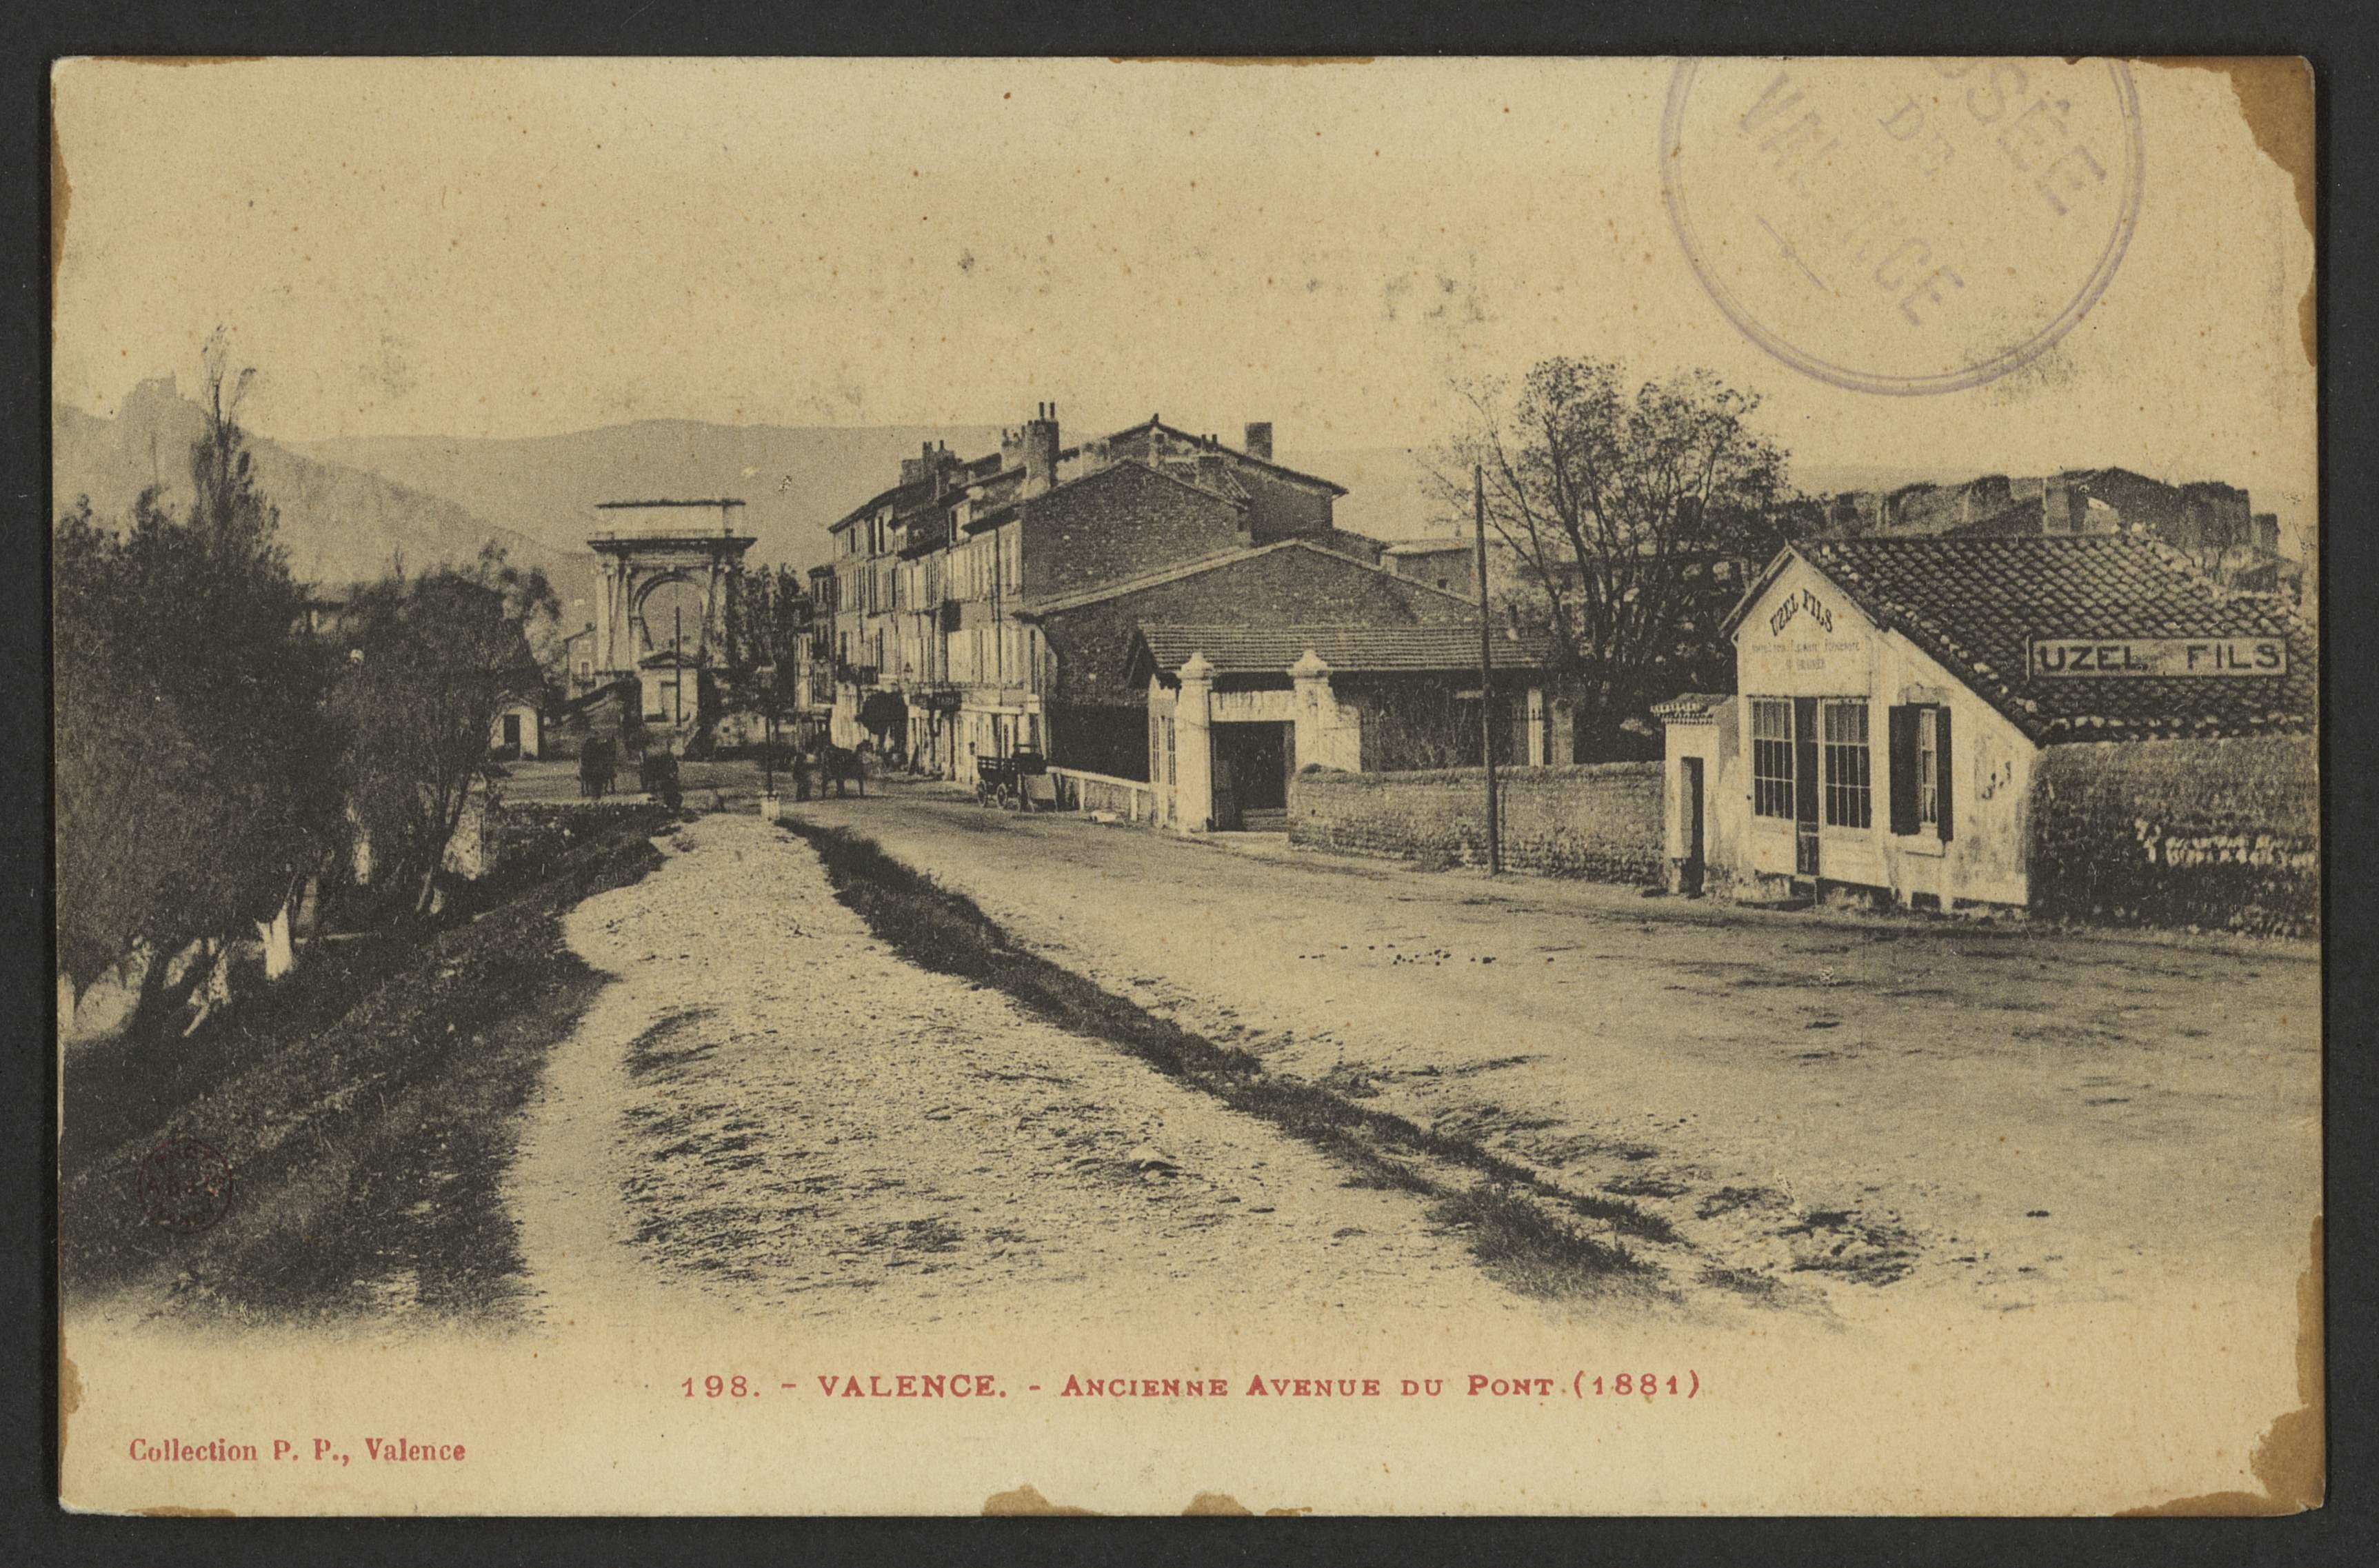 Valence - Ancienne Avenue du Pont (1881)